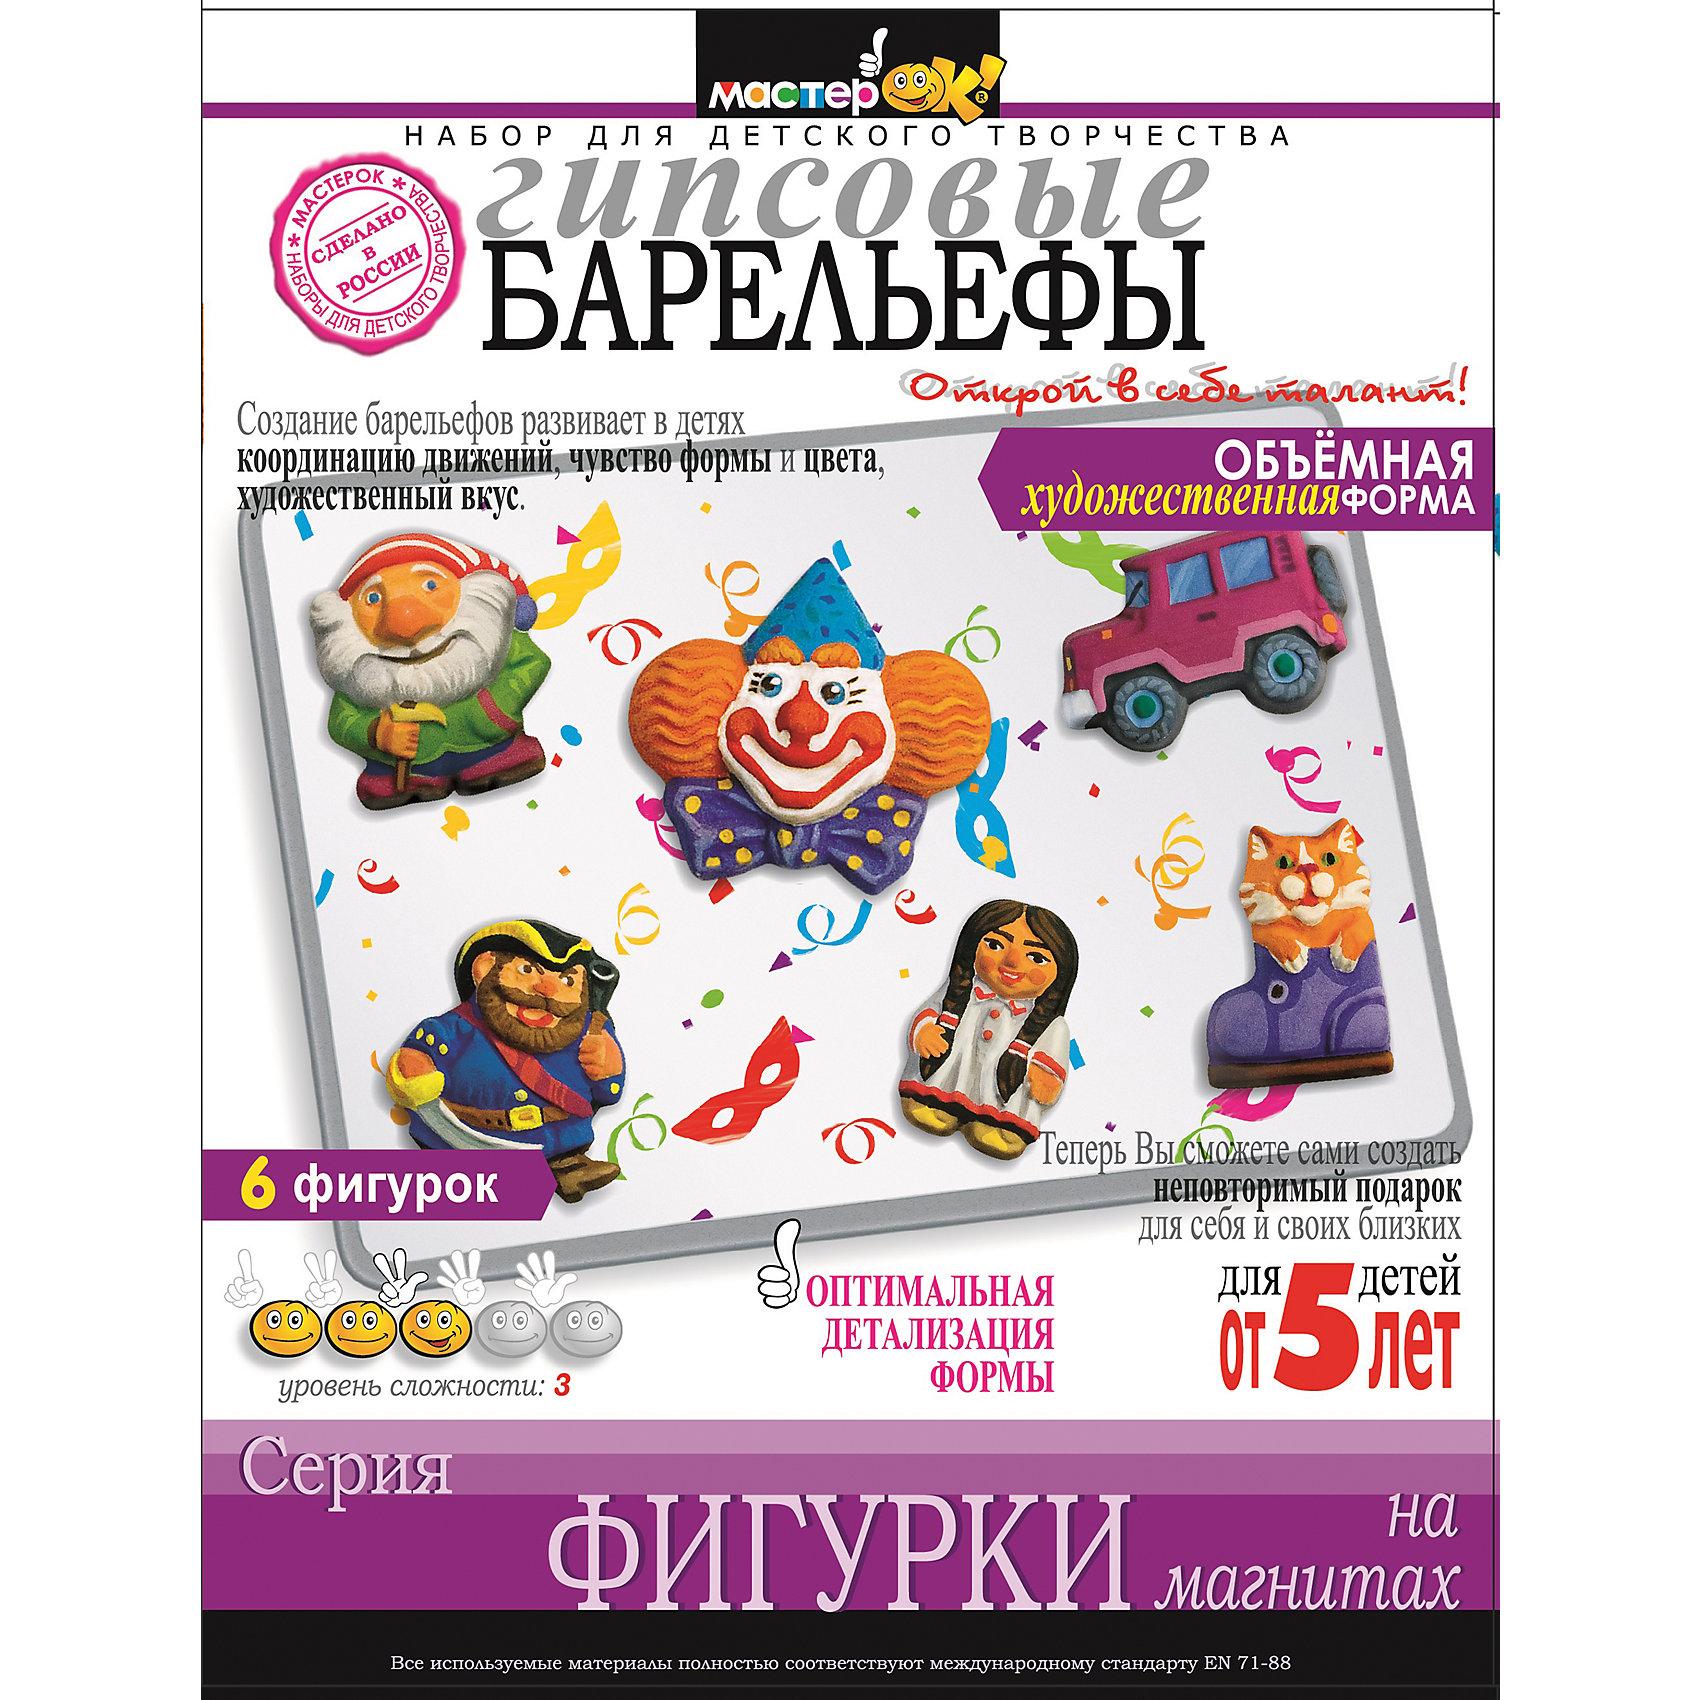 Набор Фигурки на магнитах КлоуныНаборы из гипса<br>Набор Фигурки на магнитах Клоуны<br><br>Характеристики:<br><br>- в набор входит: гипс, магнитная лента, форма, кисть, краски <br>- состав: гипс, пластик<br>- формат: 17 * 5 * 22 см.<br>- для детей в возрасте: от 5 до 10 лет<br>- страна производитель: Российская Федерация<br><br>Набор для творчества Фигурки на магнитах Клоуны от российского бренда МастерОК понравится маленьким пальчиками и создаст приятное веселое настроение. Пошаговая инструкция подробно описывает процесс выполнения поделки. Пакет с гипсом разводится в воде, затем помещается в форму из набора, сверху добавляется магнитик и фигурки оставляют высыхать. После того, как гипс затвердеет можно приступить к раскрашиванию специальными красками. Работая с таким набором ребенок развивает моторику рук, воображение, усидчивость, аккуратность и внимание. Выполнение фигурок не занимает очень много времени, поэтому ребенок сможет сделать свой небольшой шедевр и порадоваться своим результатам. Фигурки можно использовать как красивый подарок на память.<br><br>Набор Фигурки на магнитах Клоуны можно купить в нашем интернет-магазине.<br><br>Ширина мм: 50<br>Глубина мм: 170<br>Высота мм: 220<br>Вес г: 350<br>Возраст от месяцев: 36<br>Возраст до месяцев: 120<br>Пол: Унисекс<br>Возраст: Детский<br>SKU: 5175488